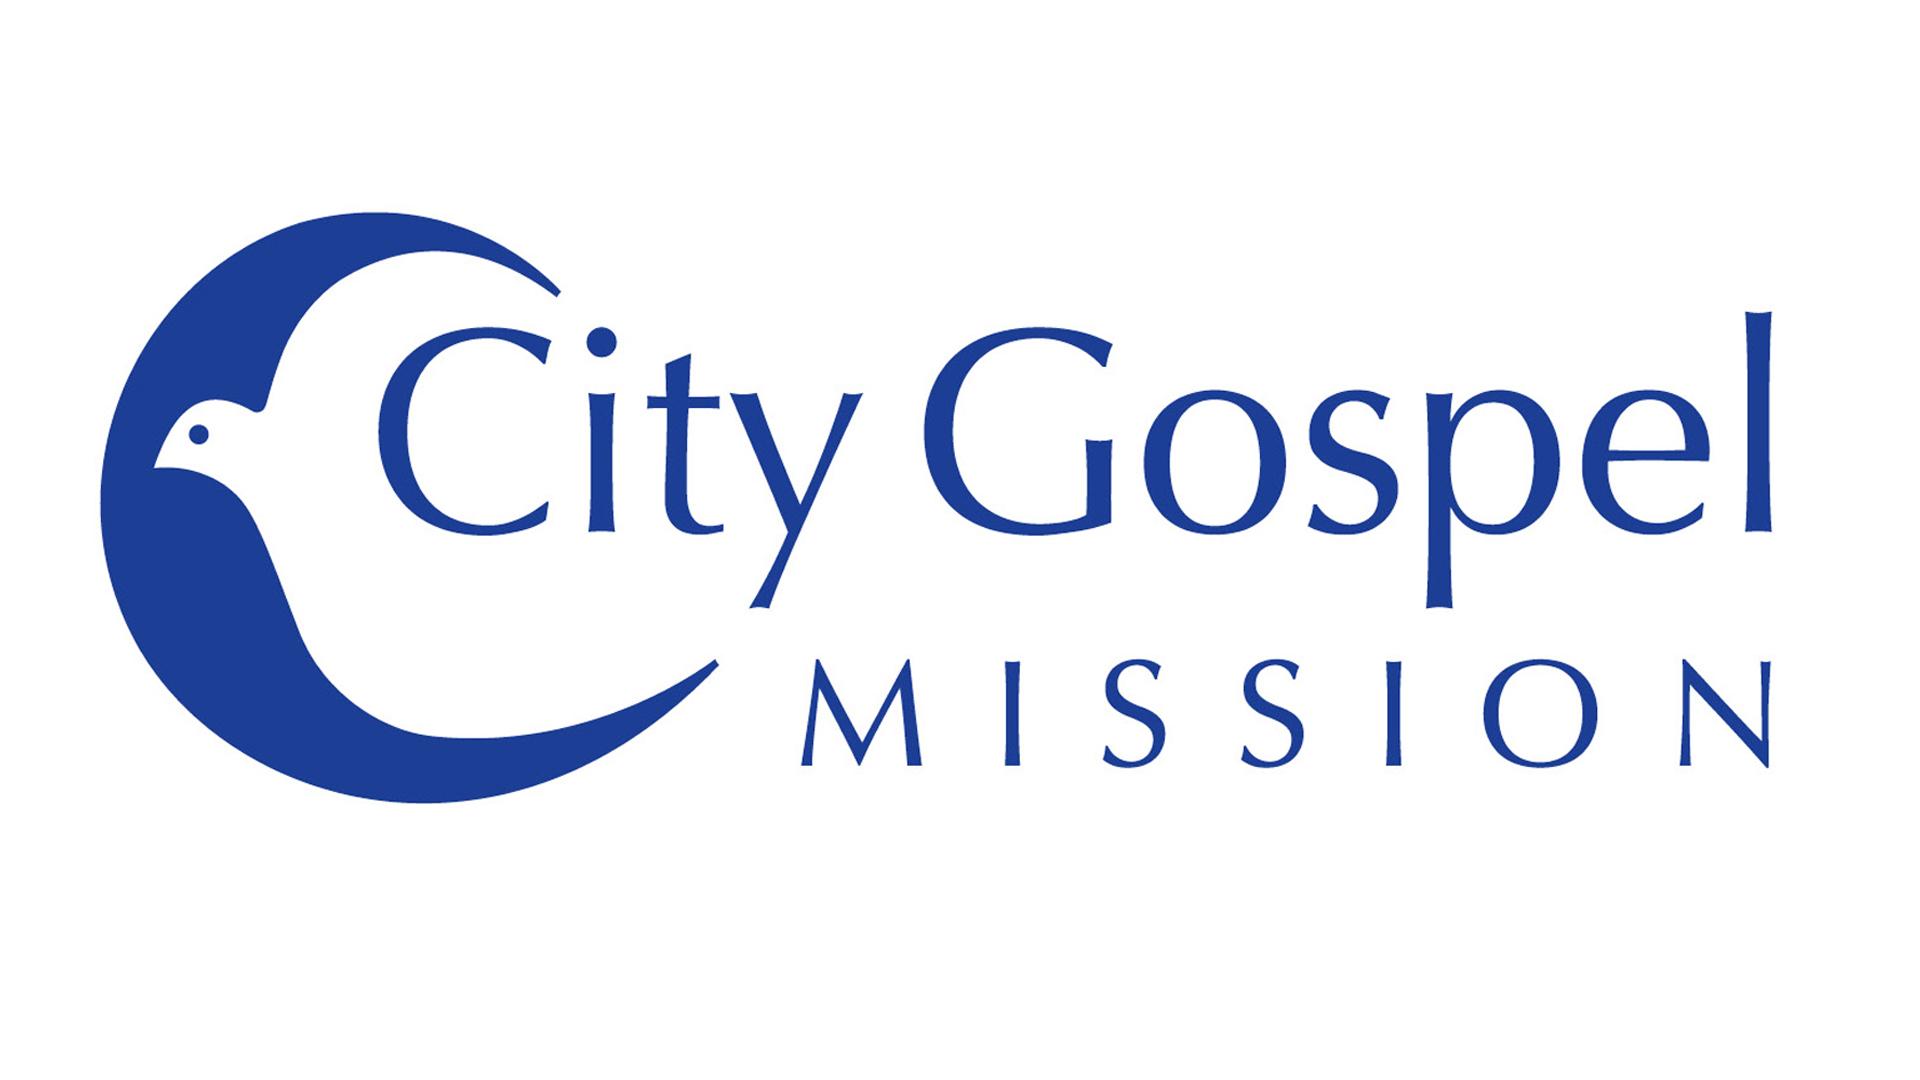 City Gospel Mission logo